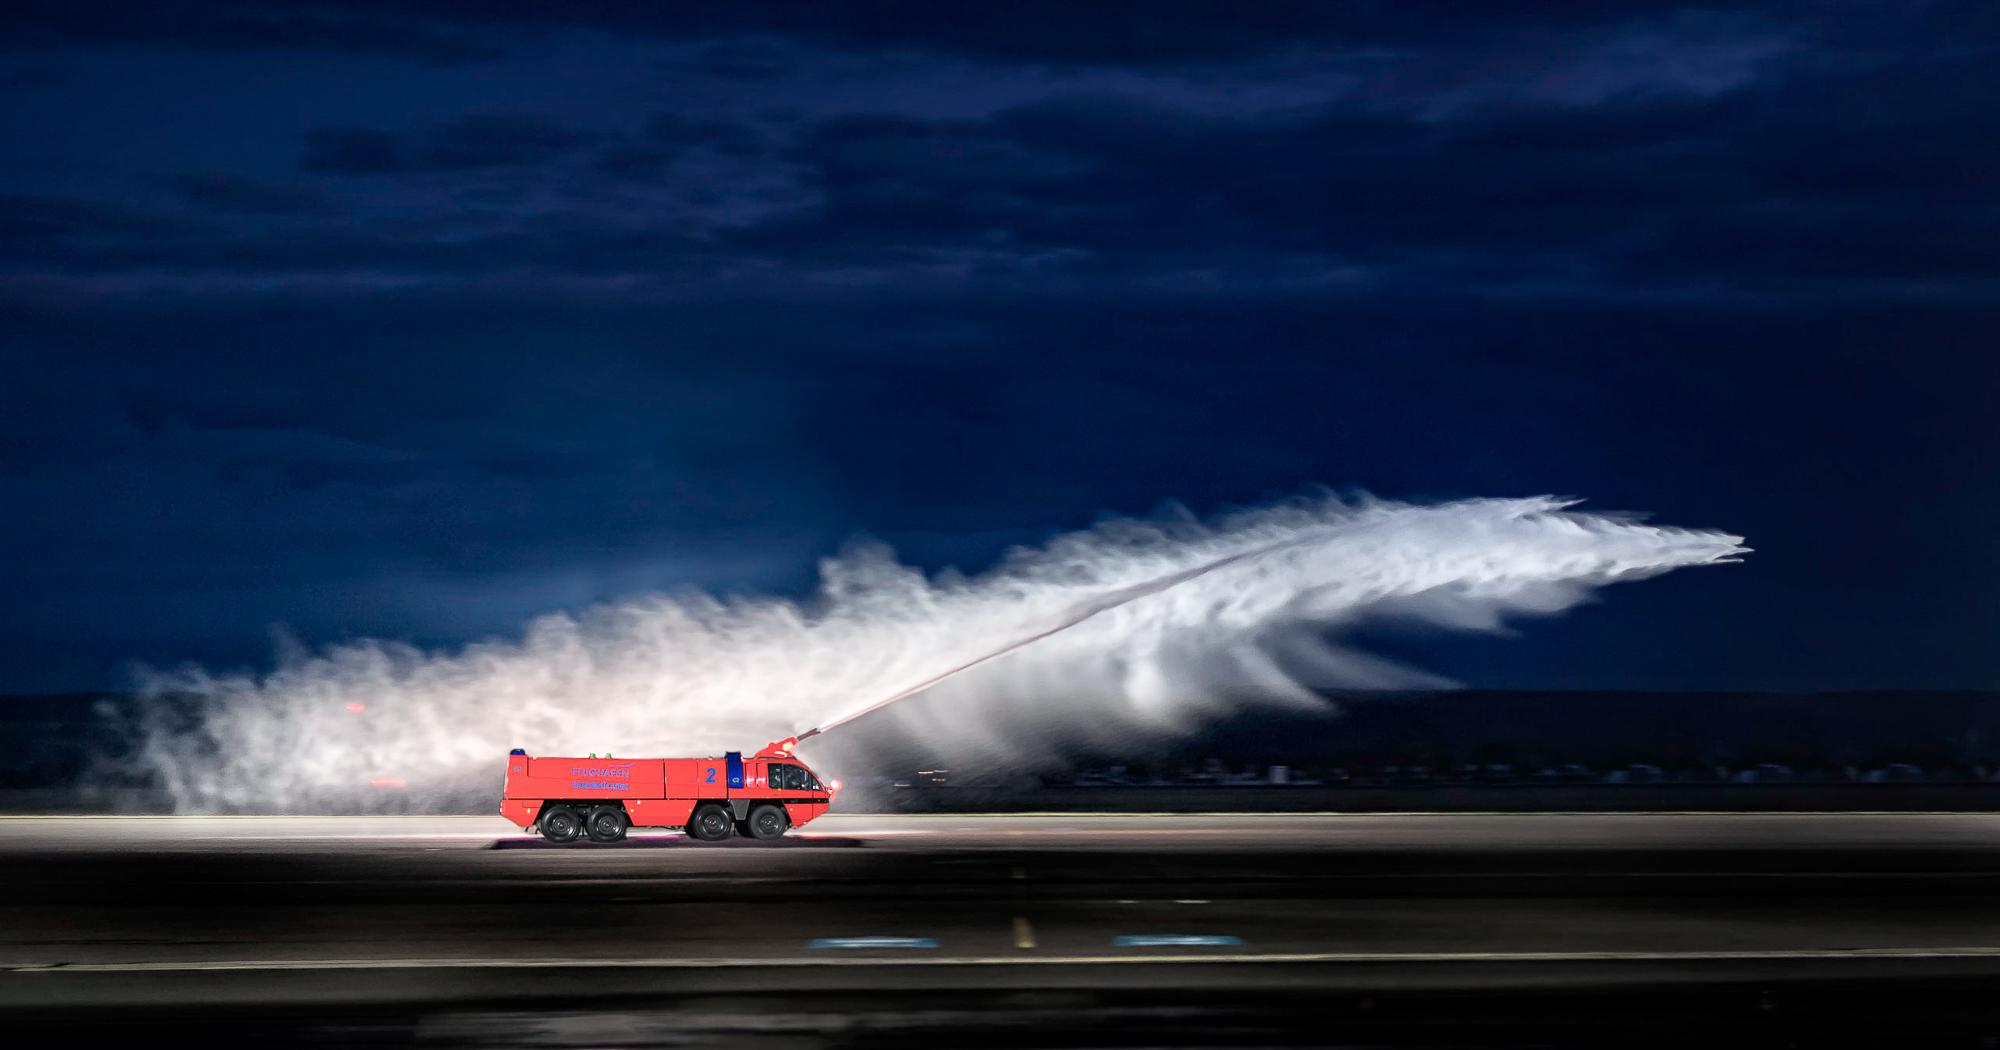 Firefighter#2